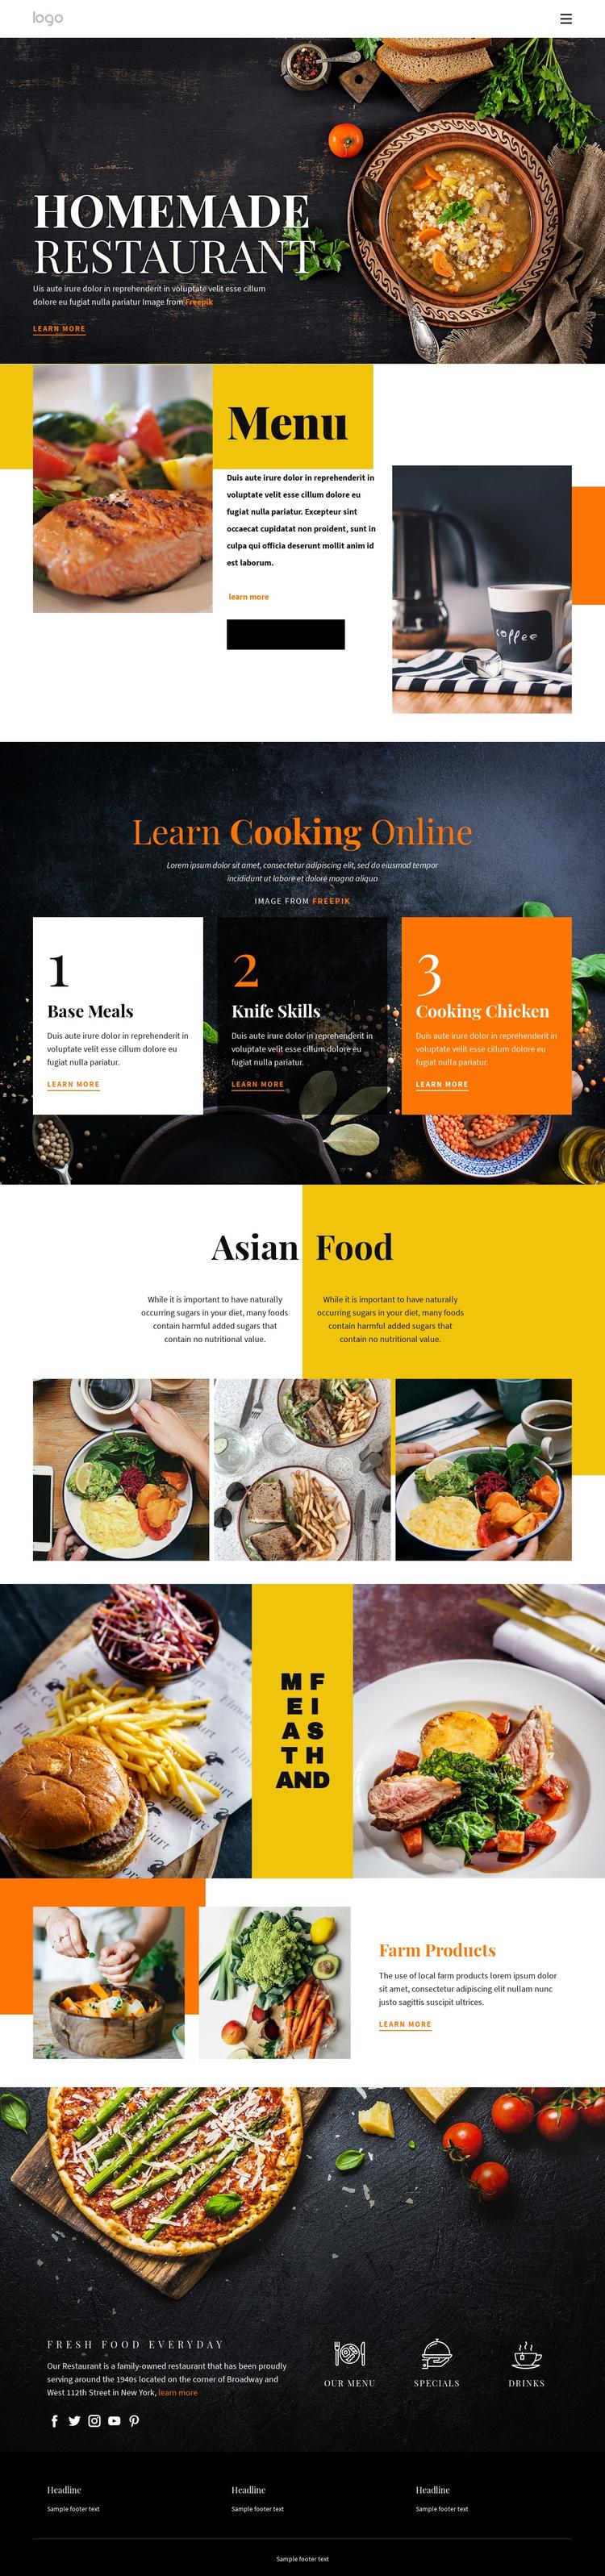 Better than home food Website Builder Software